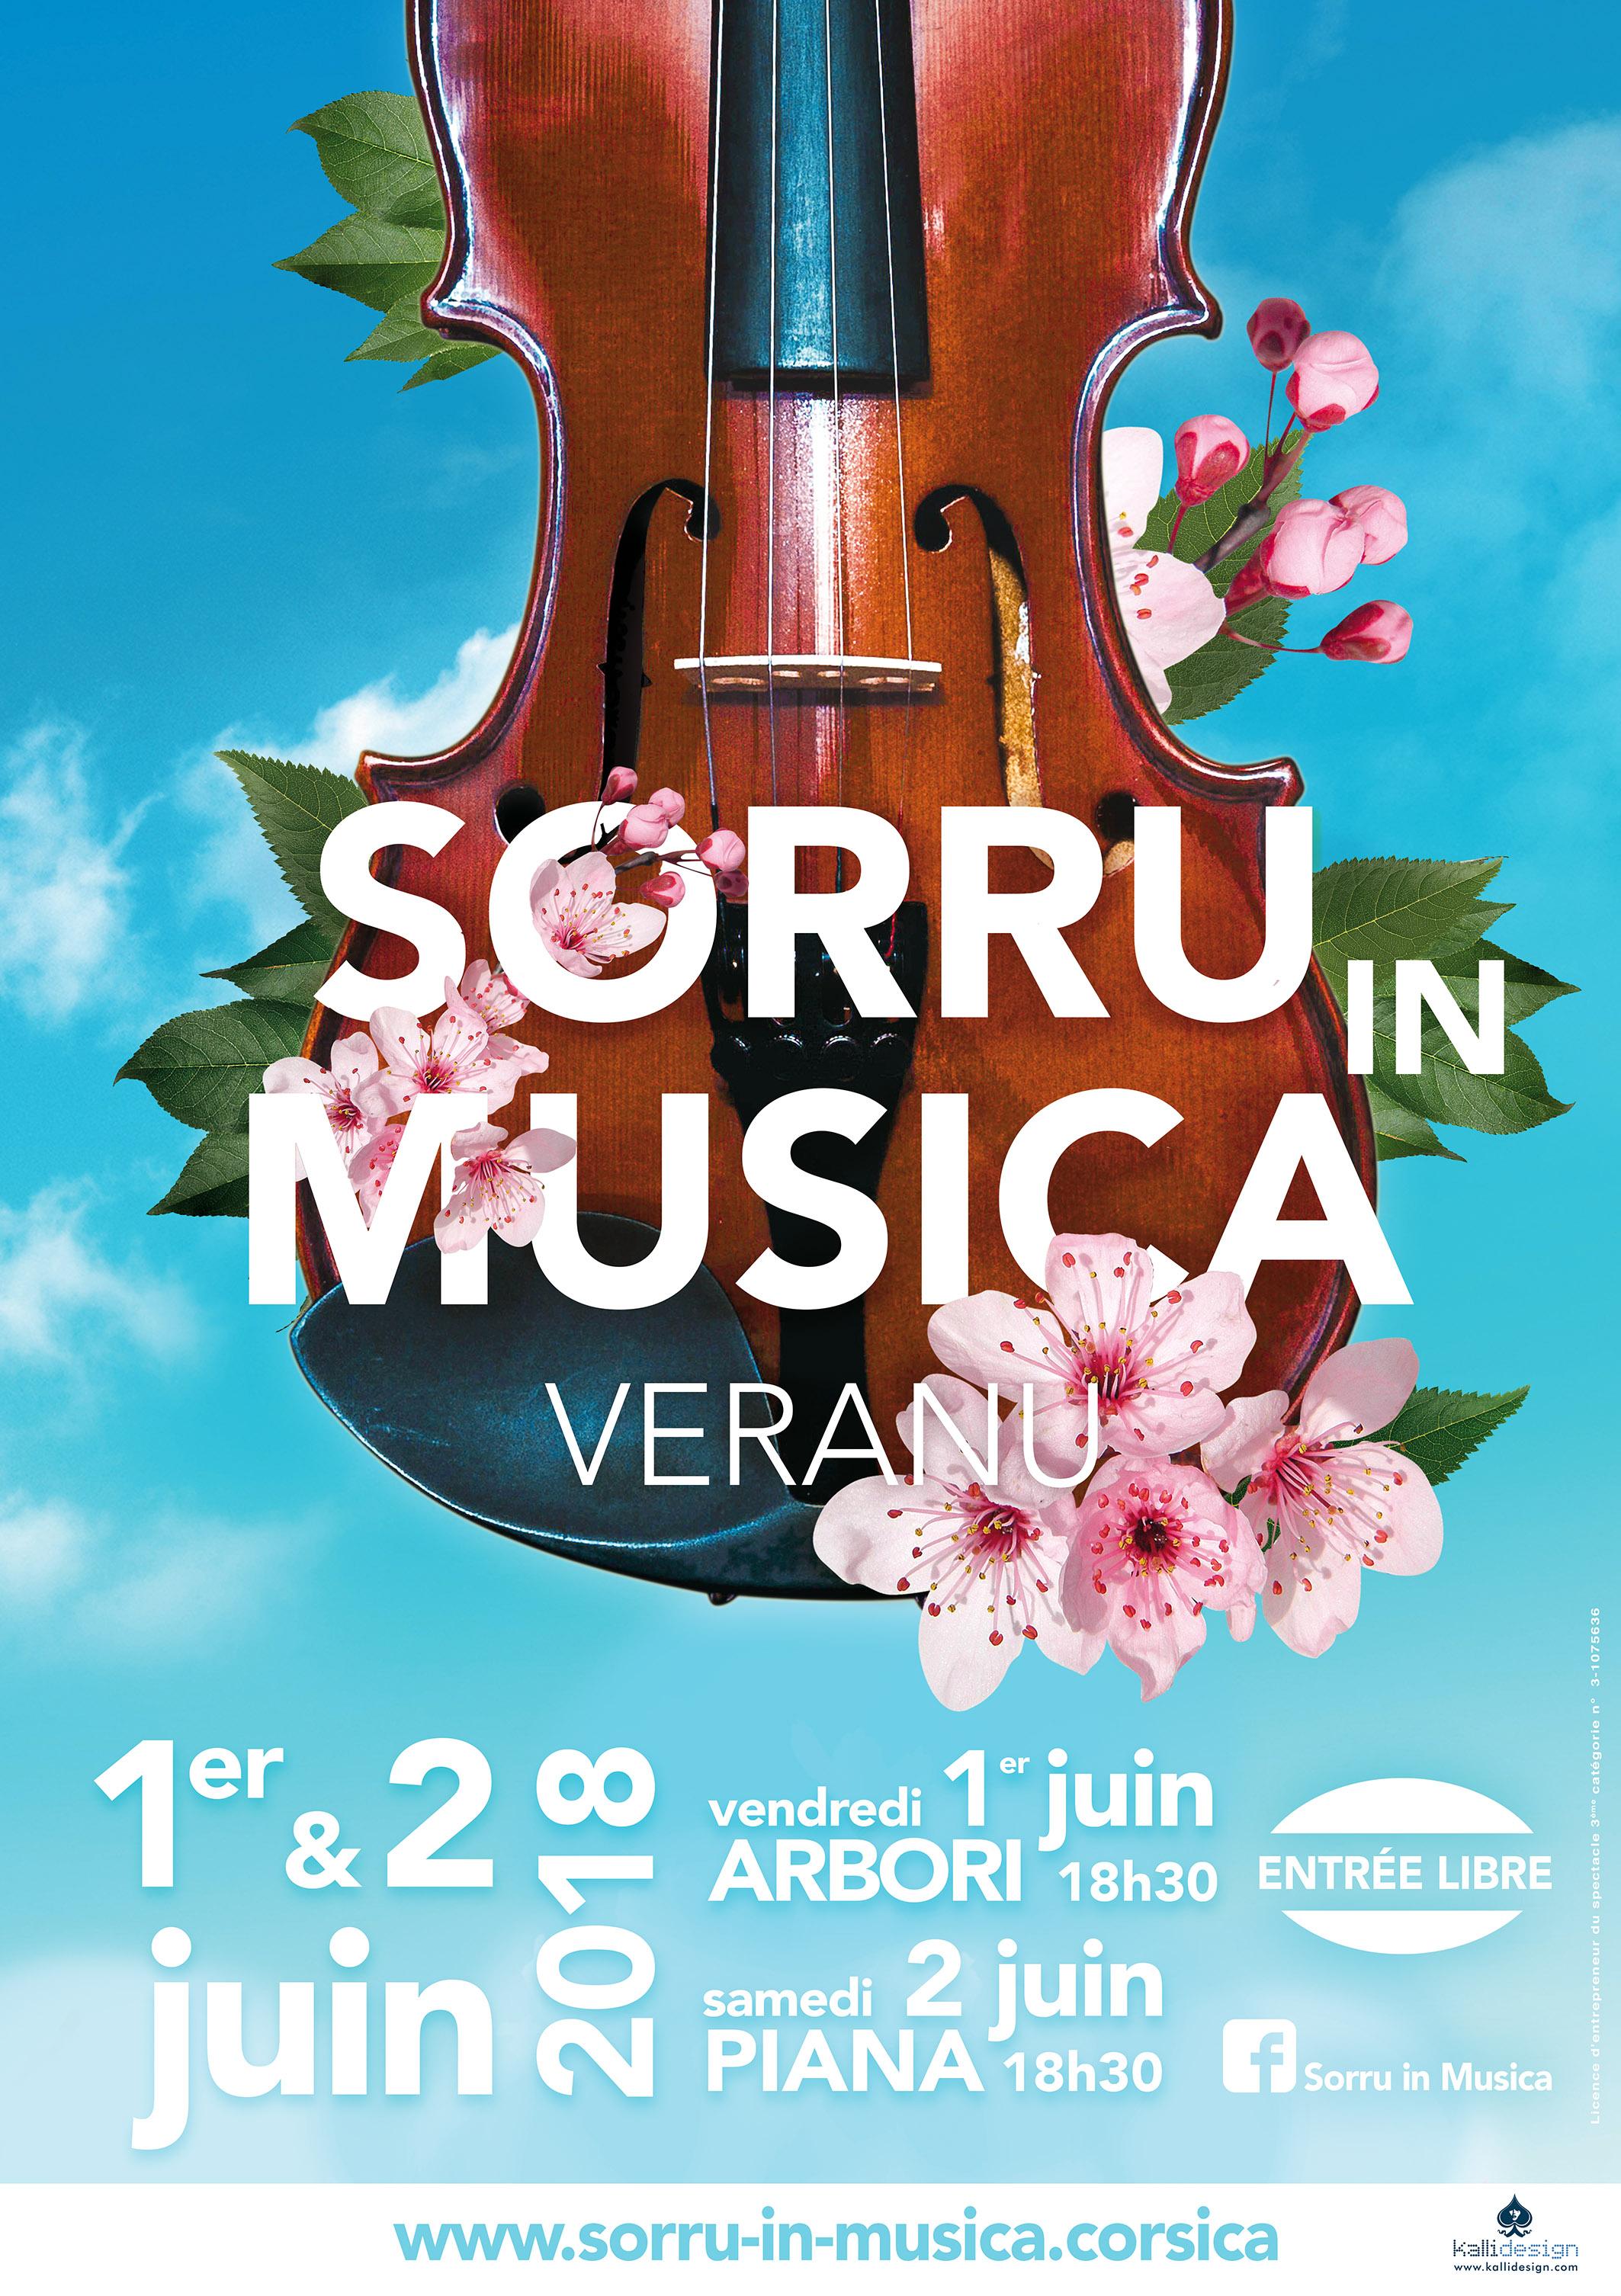 Sorru in Musica VERANU 2018